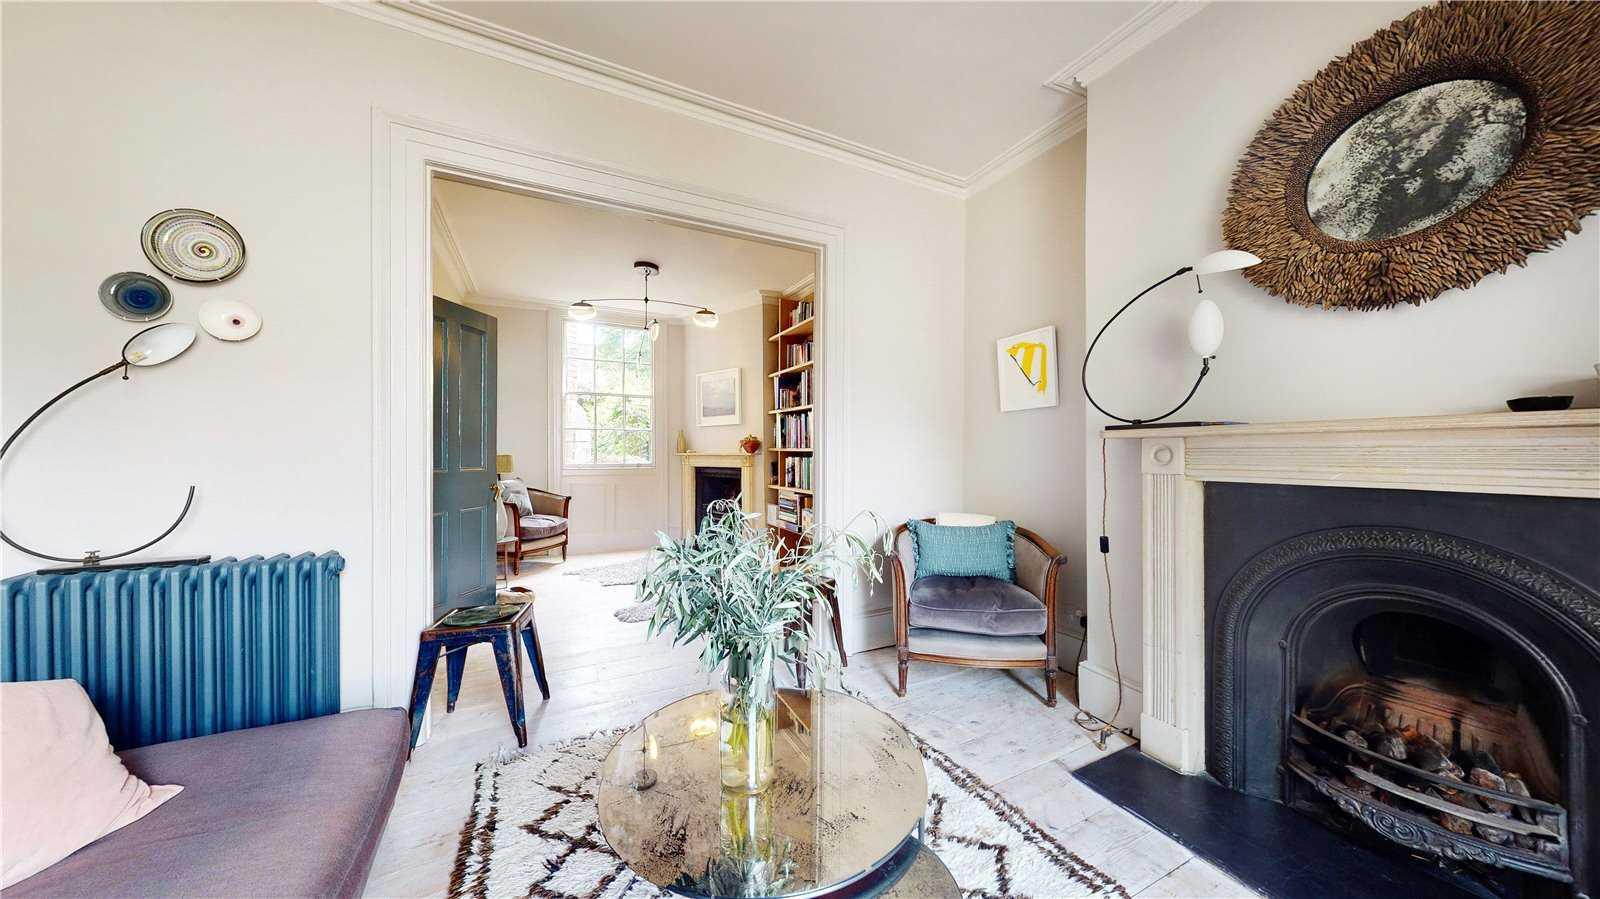 Maison London  -  ref BAI200067 (picture 2)